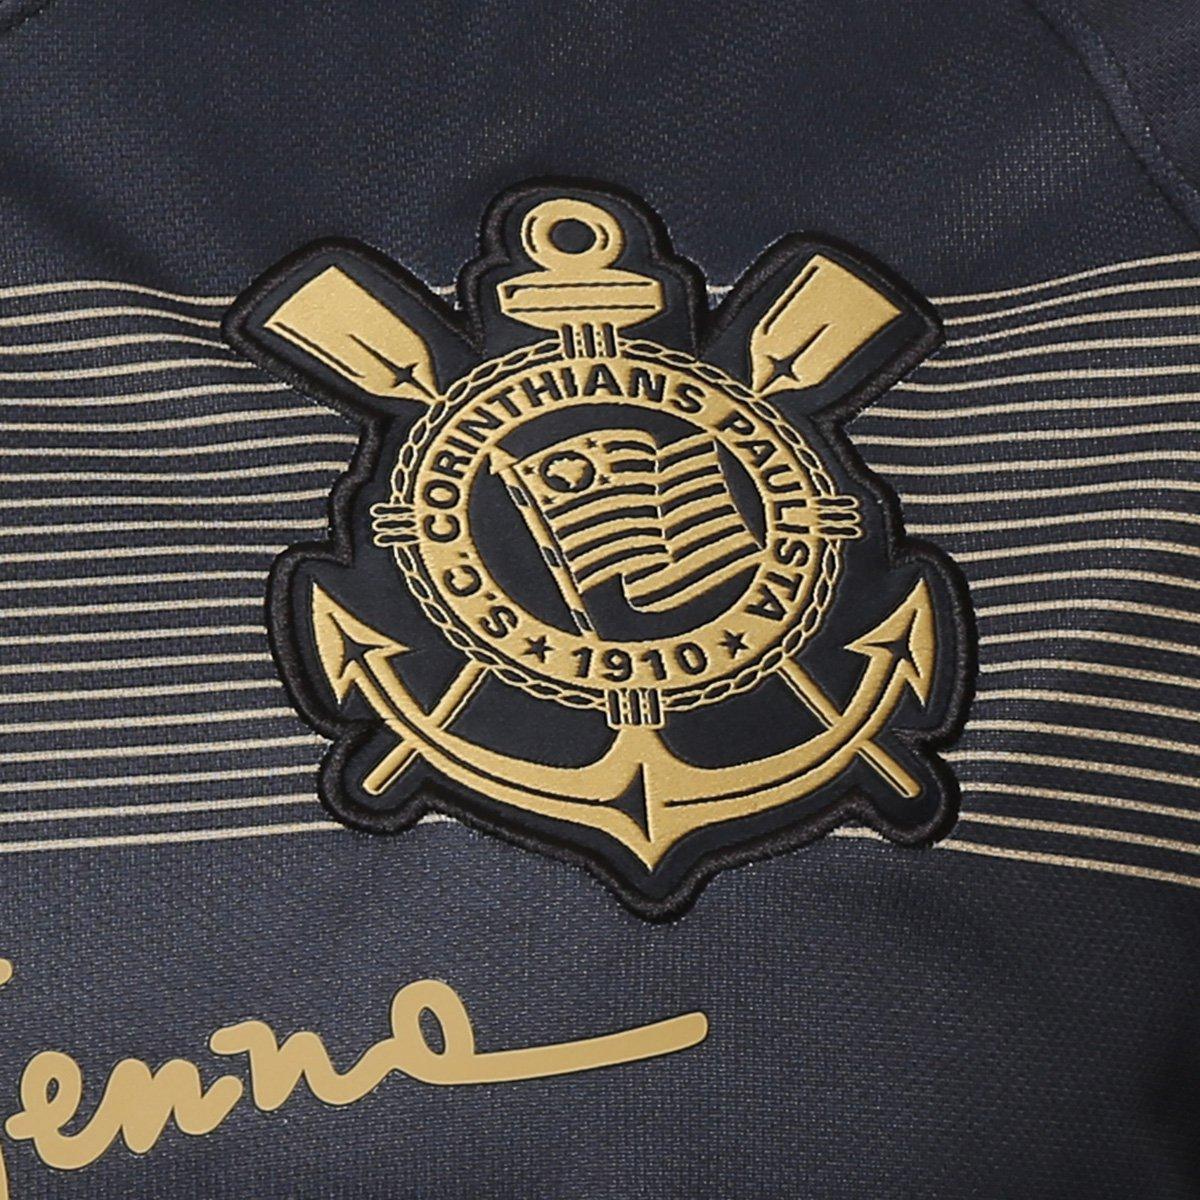 a6781544b9 Camisa Corinthians III 2018 s n° - Torcedor Nike Masculina - Preto e ...